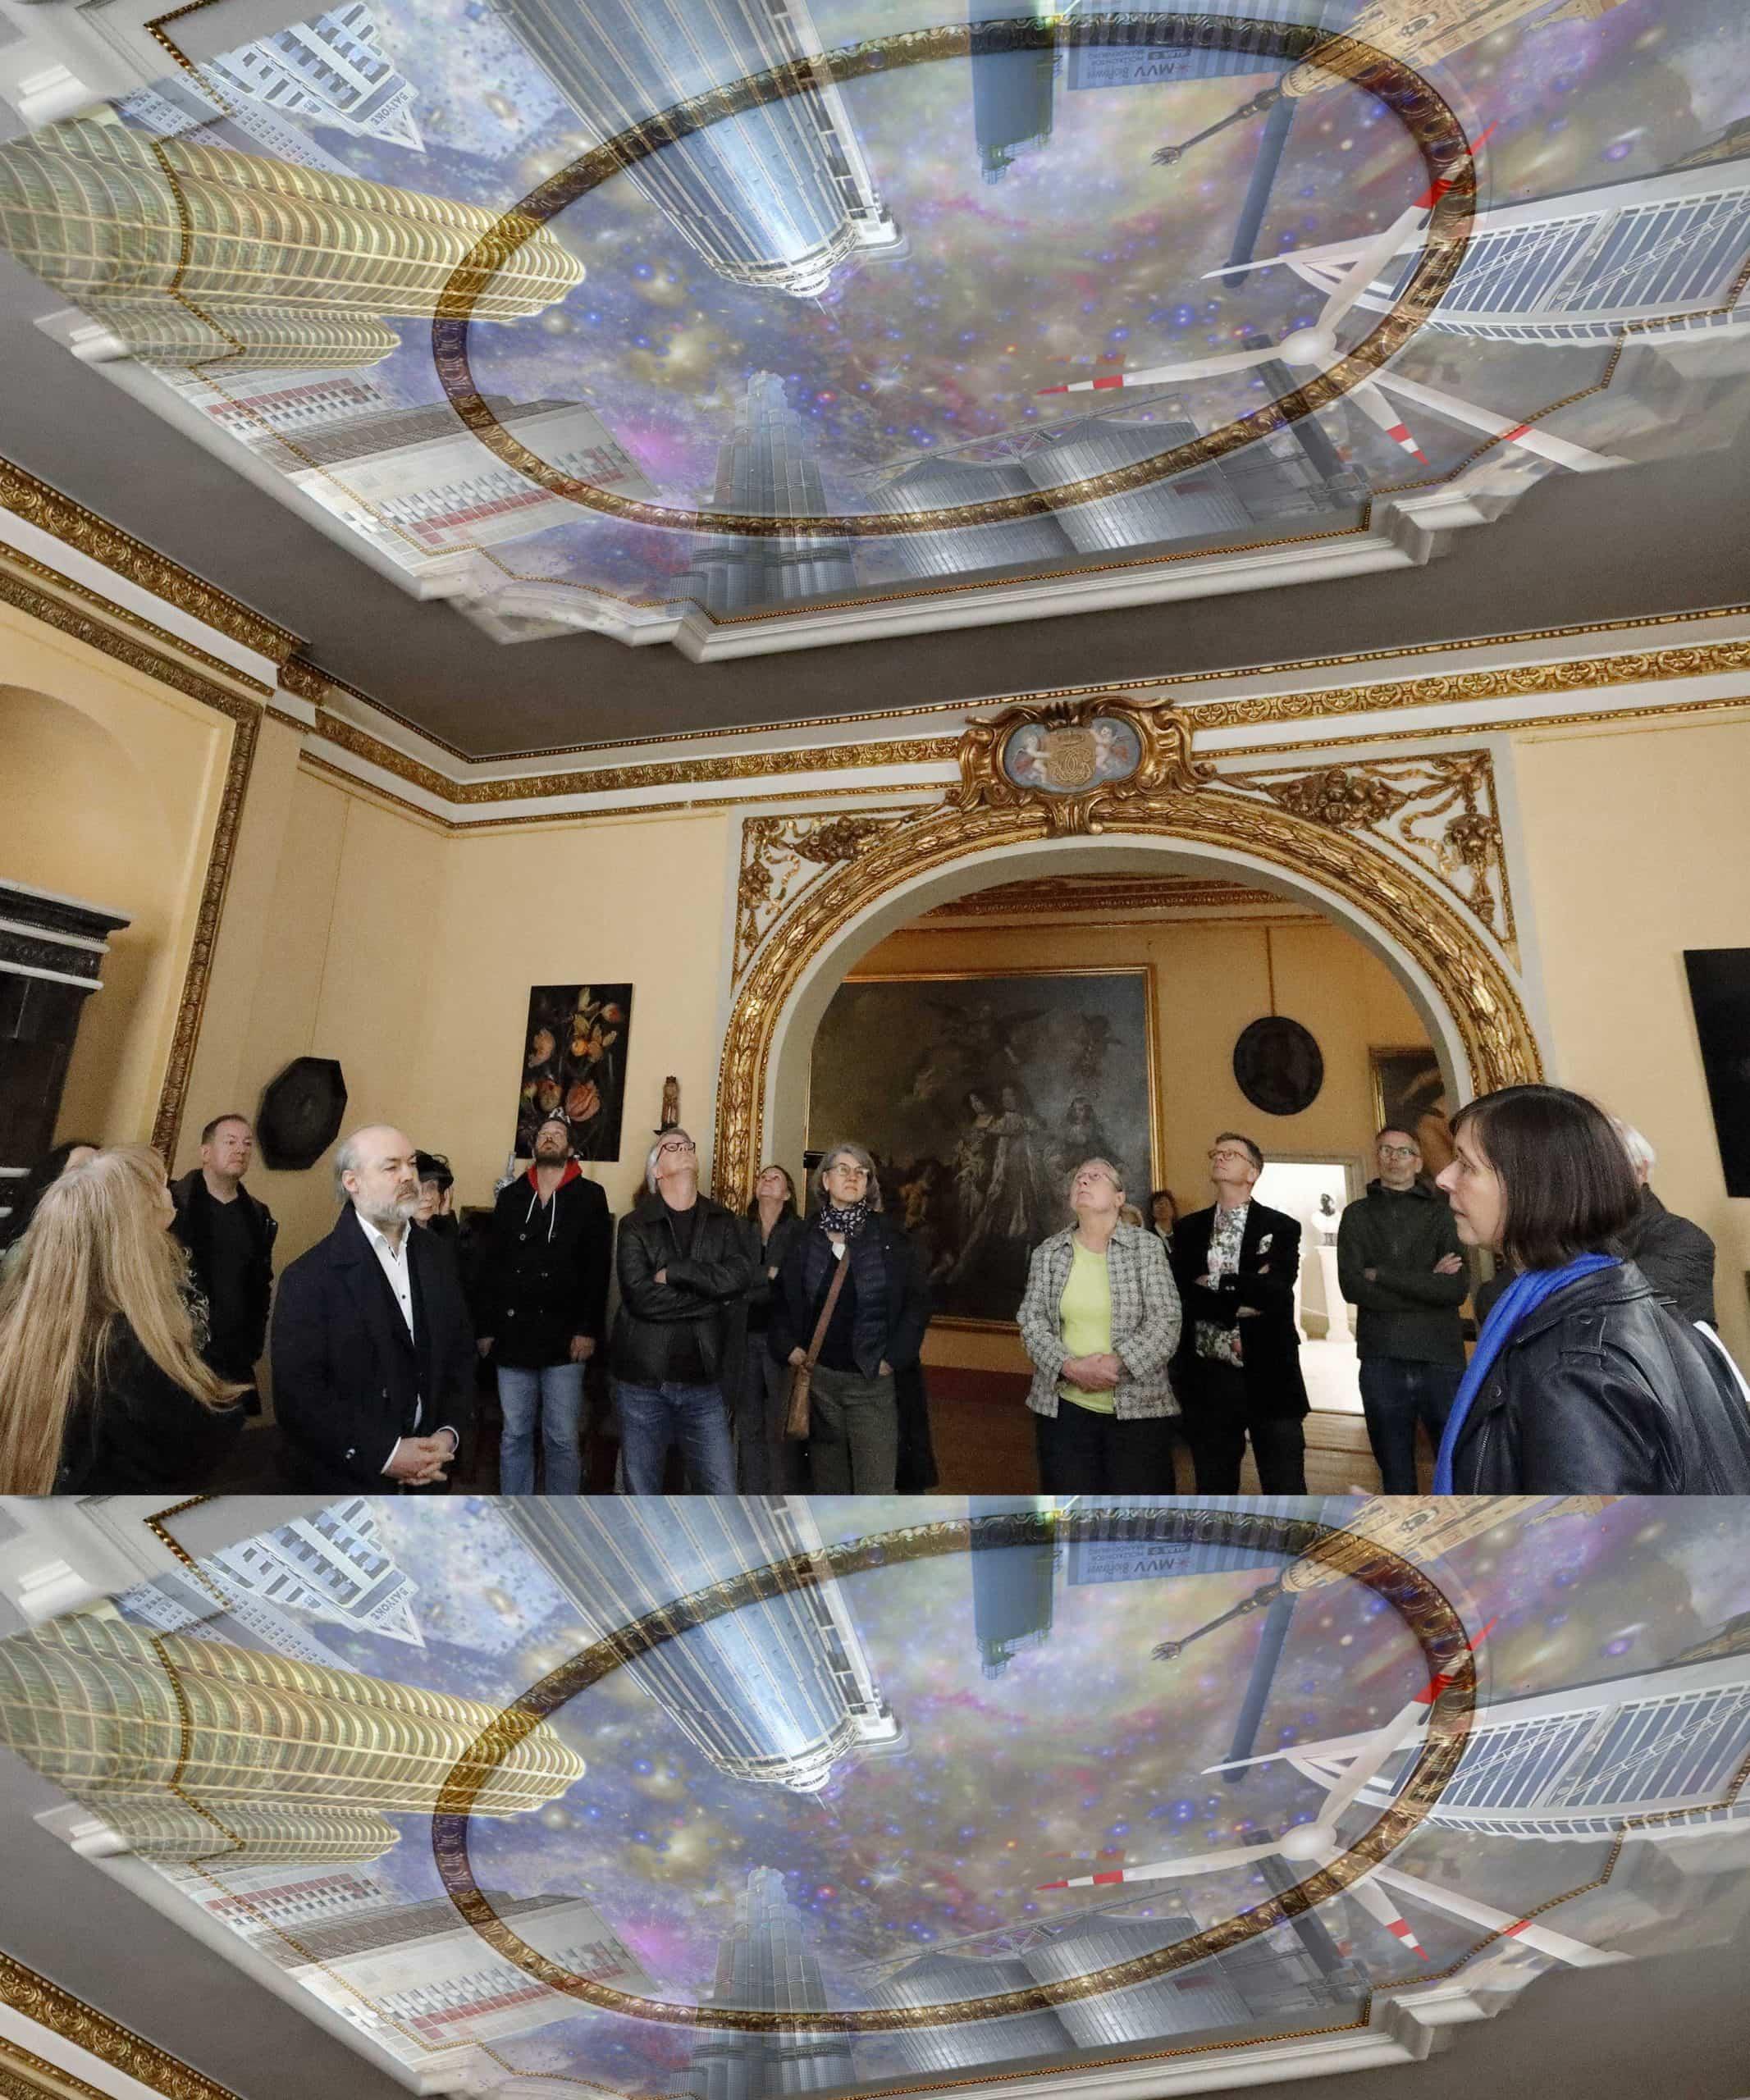 After Tiepolo, Video von Myriam Thyes (2013), Deckenprojektion in der Ausstellung B.A.R.O.C.K., Schloss Caputh (Brandenburg), 2019